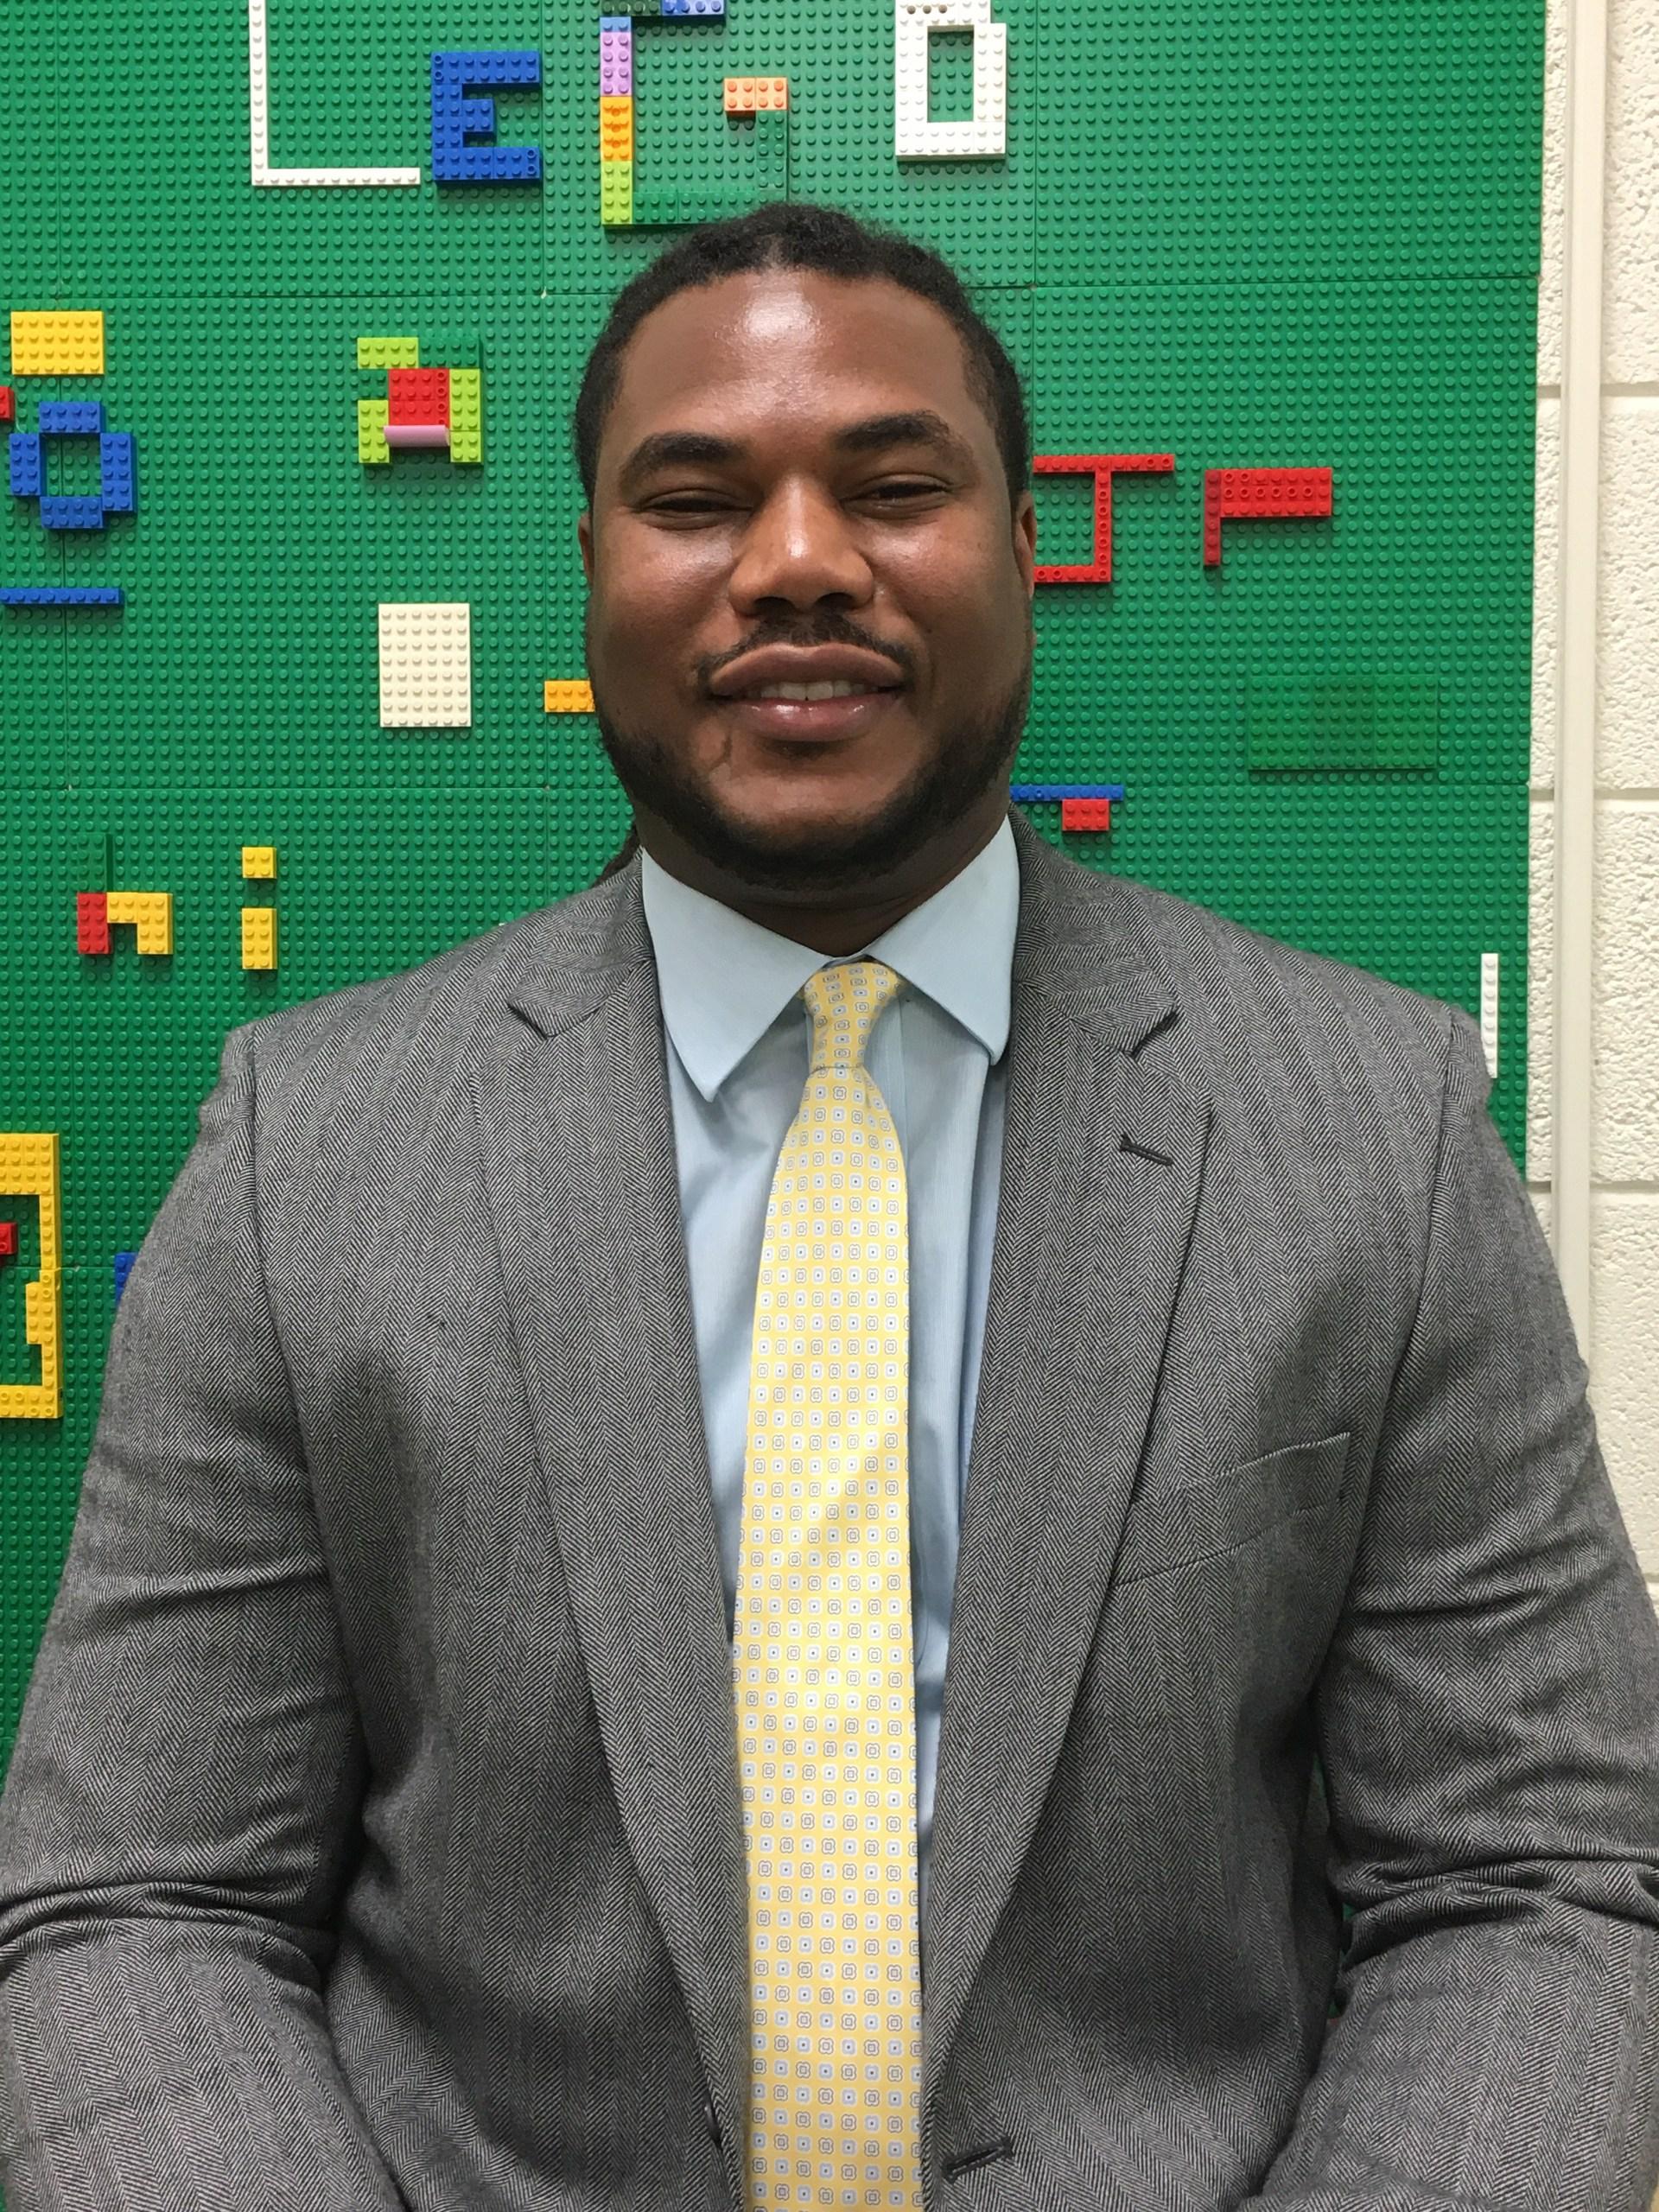 Assistant Principal Steven Mills